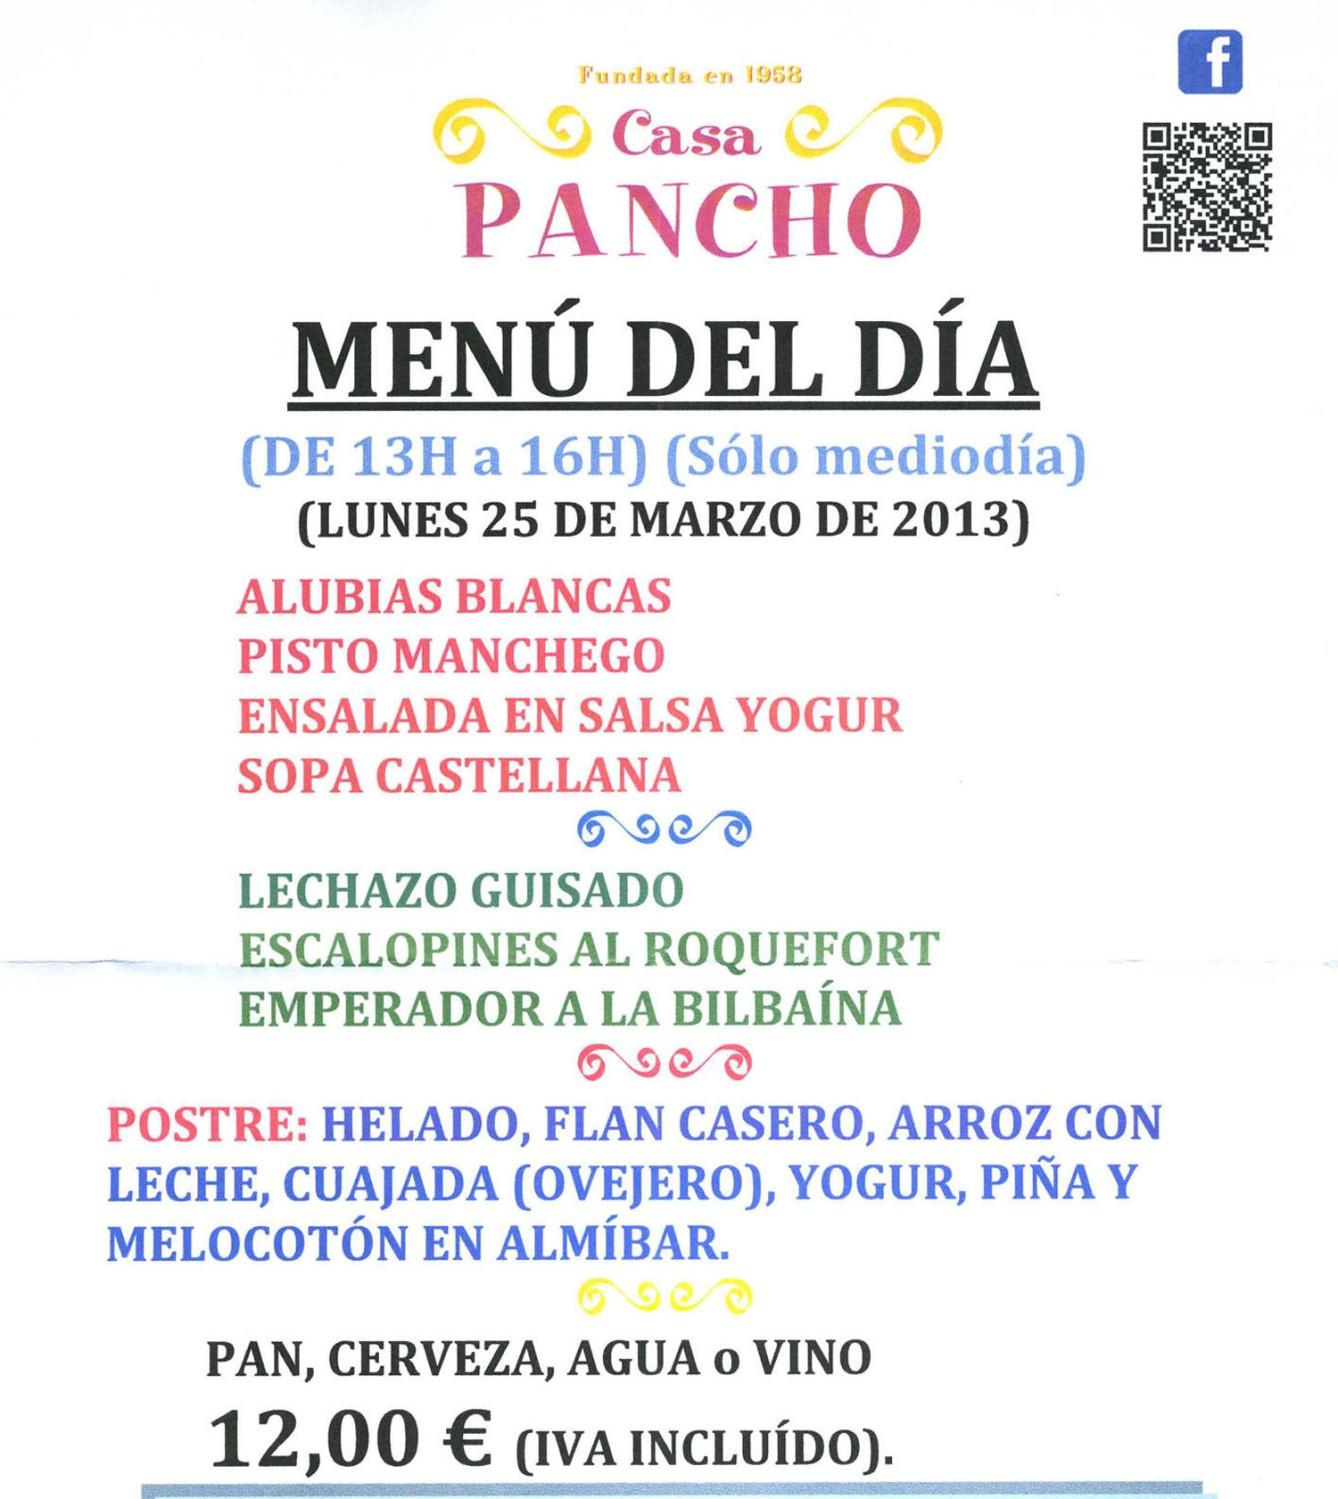 Camino-De-Santiago-Food-And-Drink-Menu-Del-Dia